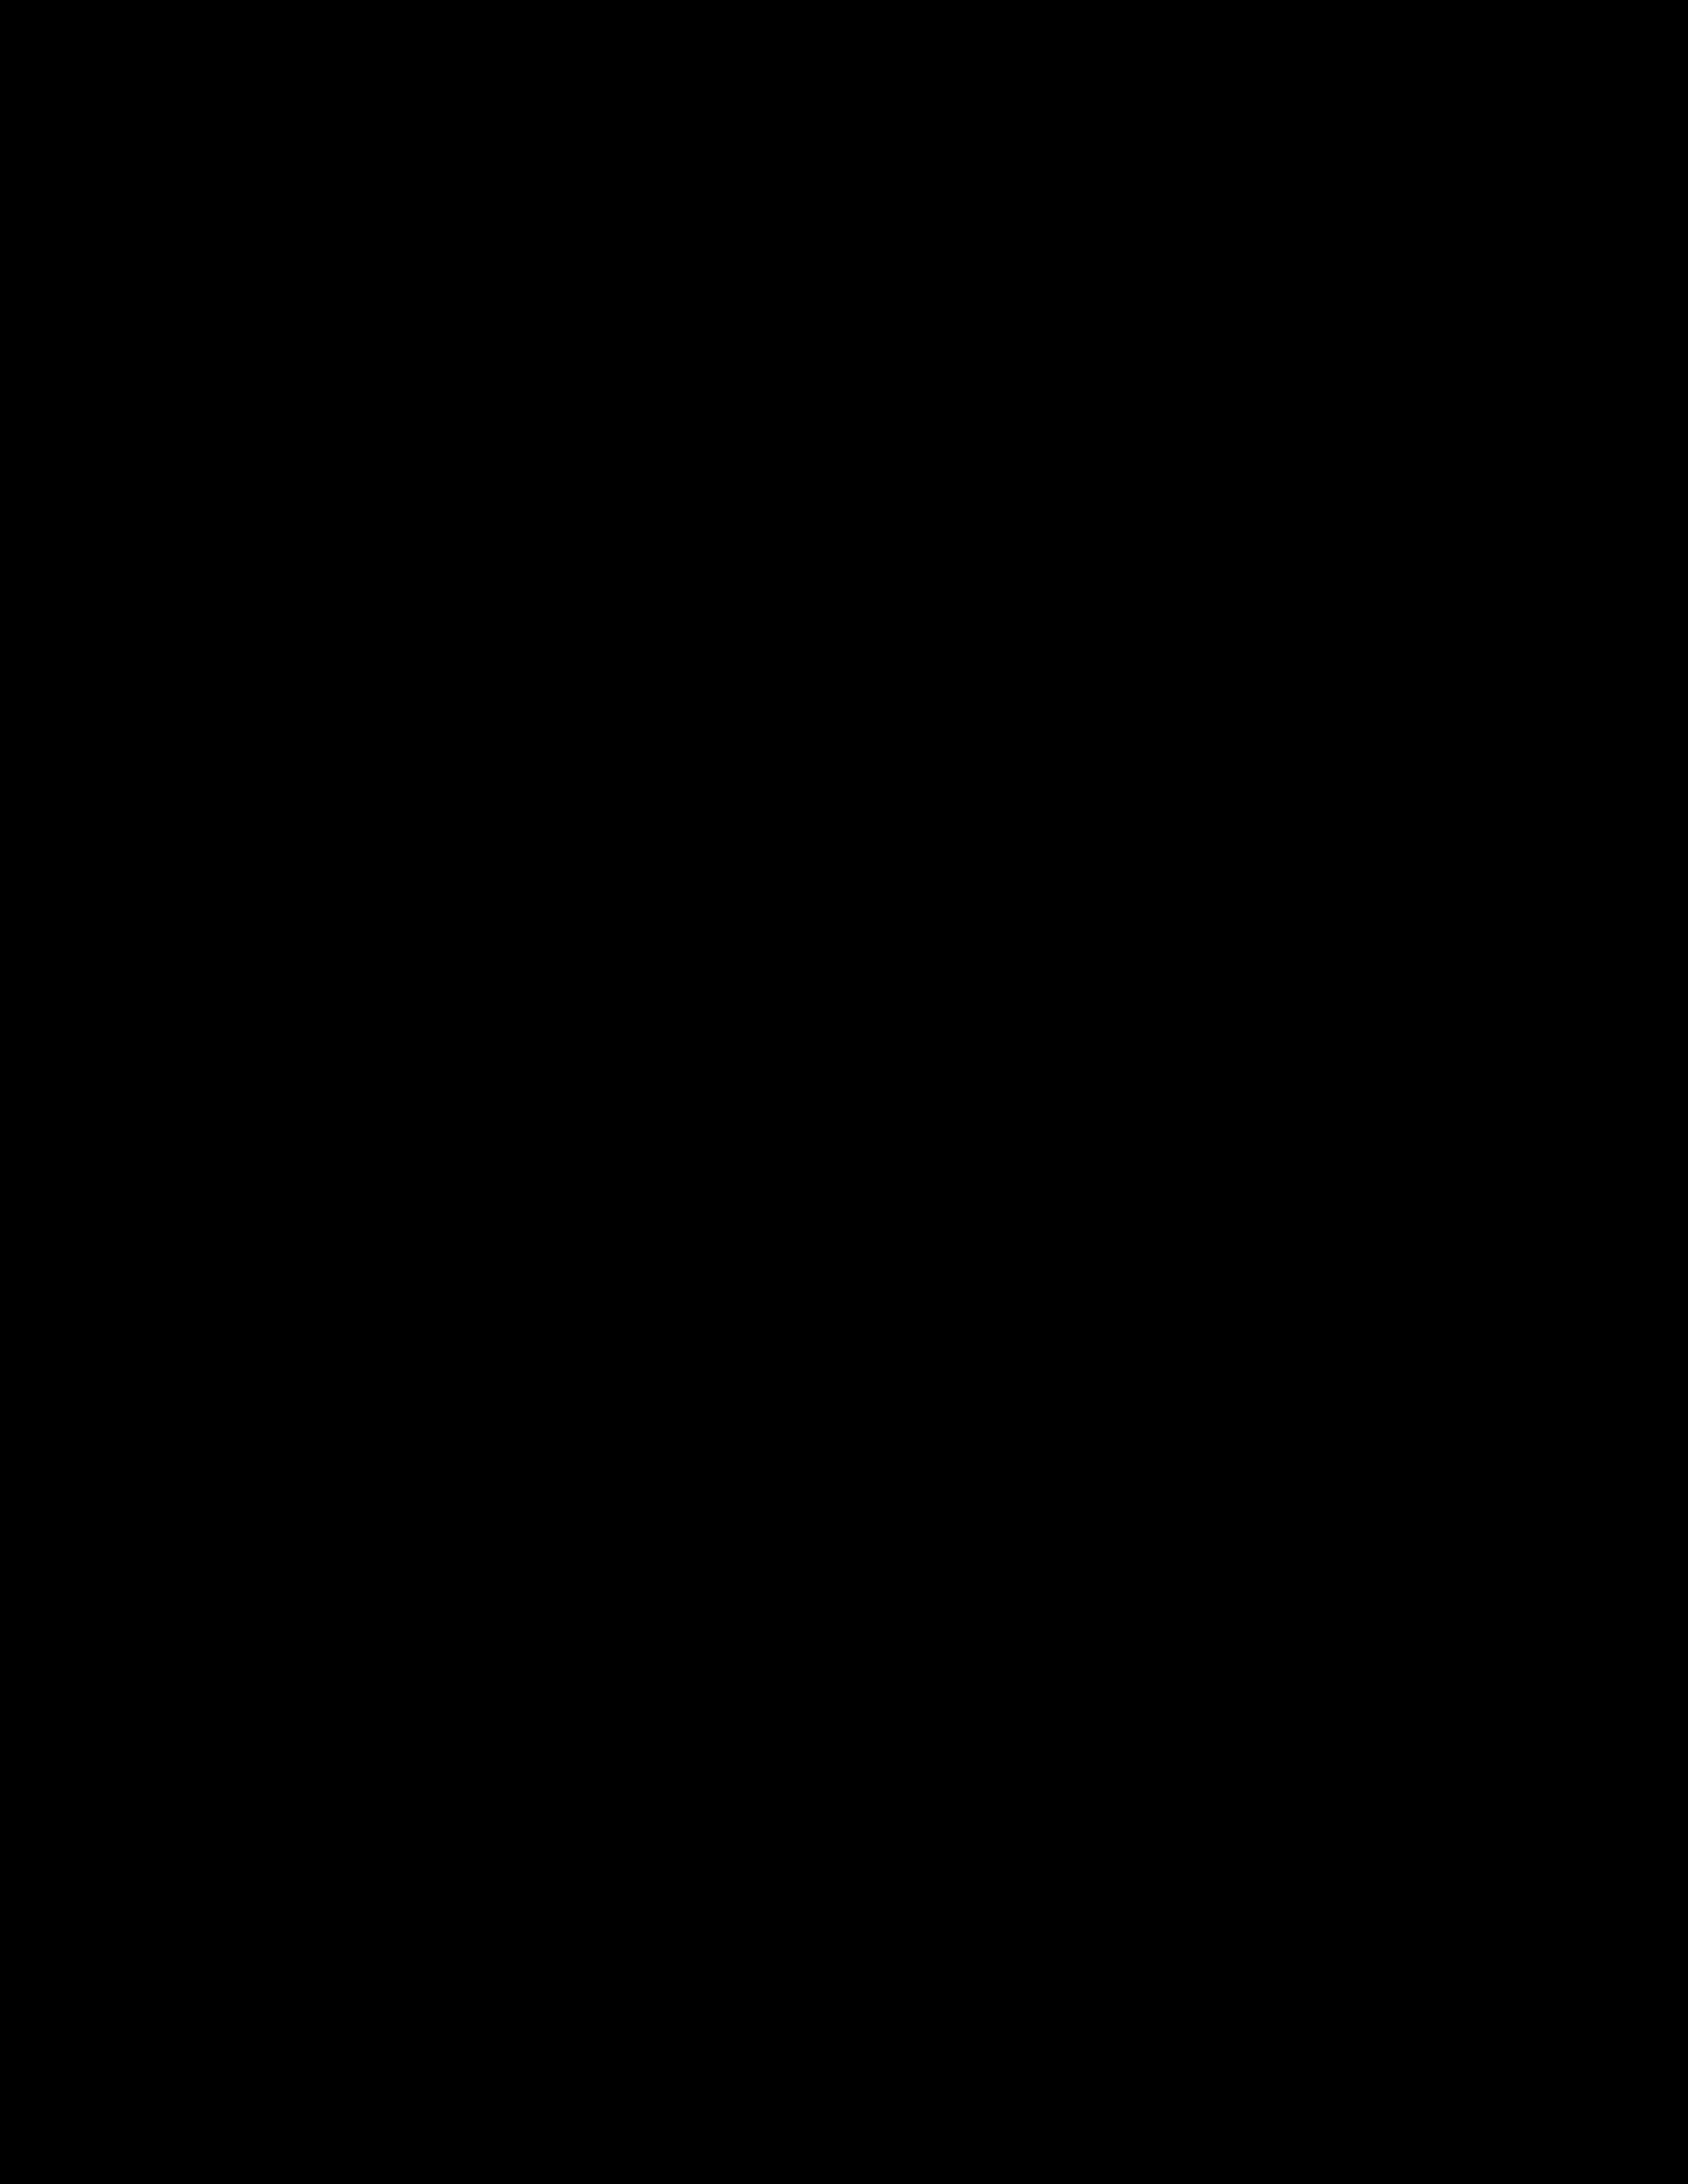 Kenra_logo-01.png